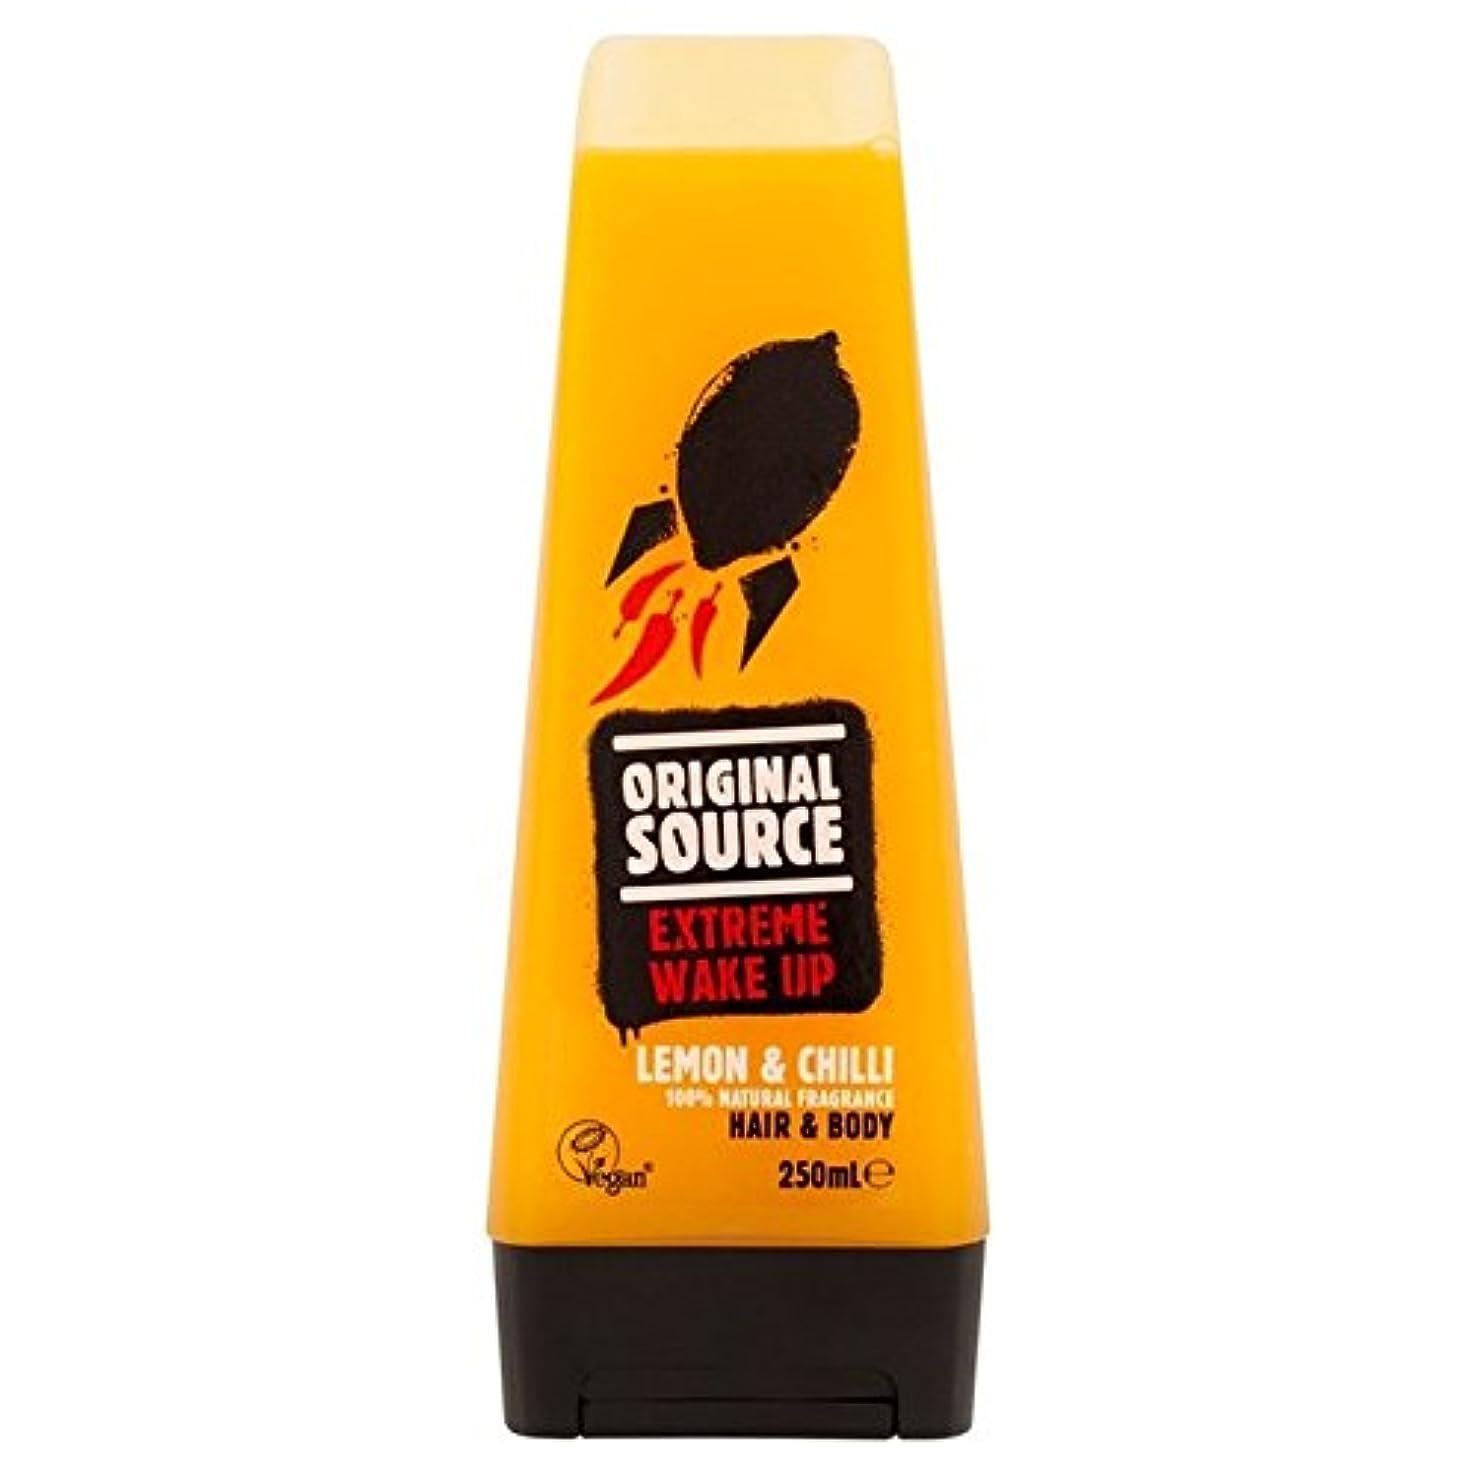 運命的なサーバ軽蔑するOriginal Source Mens Lemon & Chilli Hair & Body Shower Gel 250ml - 元のソースは、レモン&チリヘア&ボディシャワージェル250ミリリットルメンズ [並行輸入品]